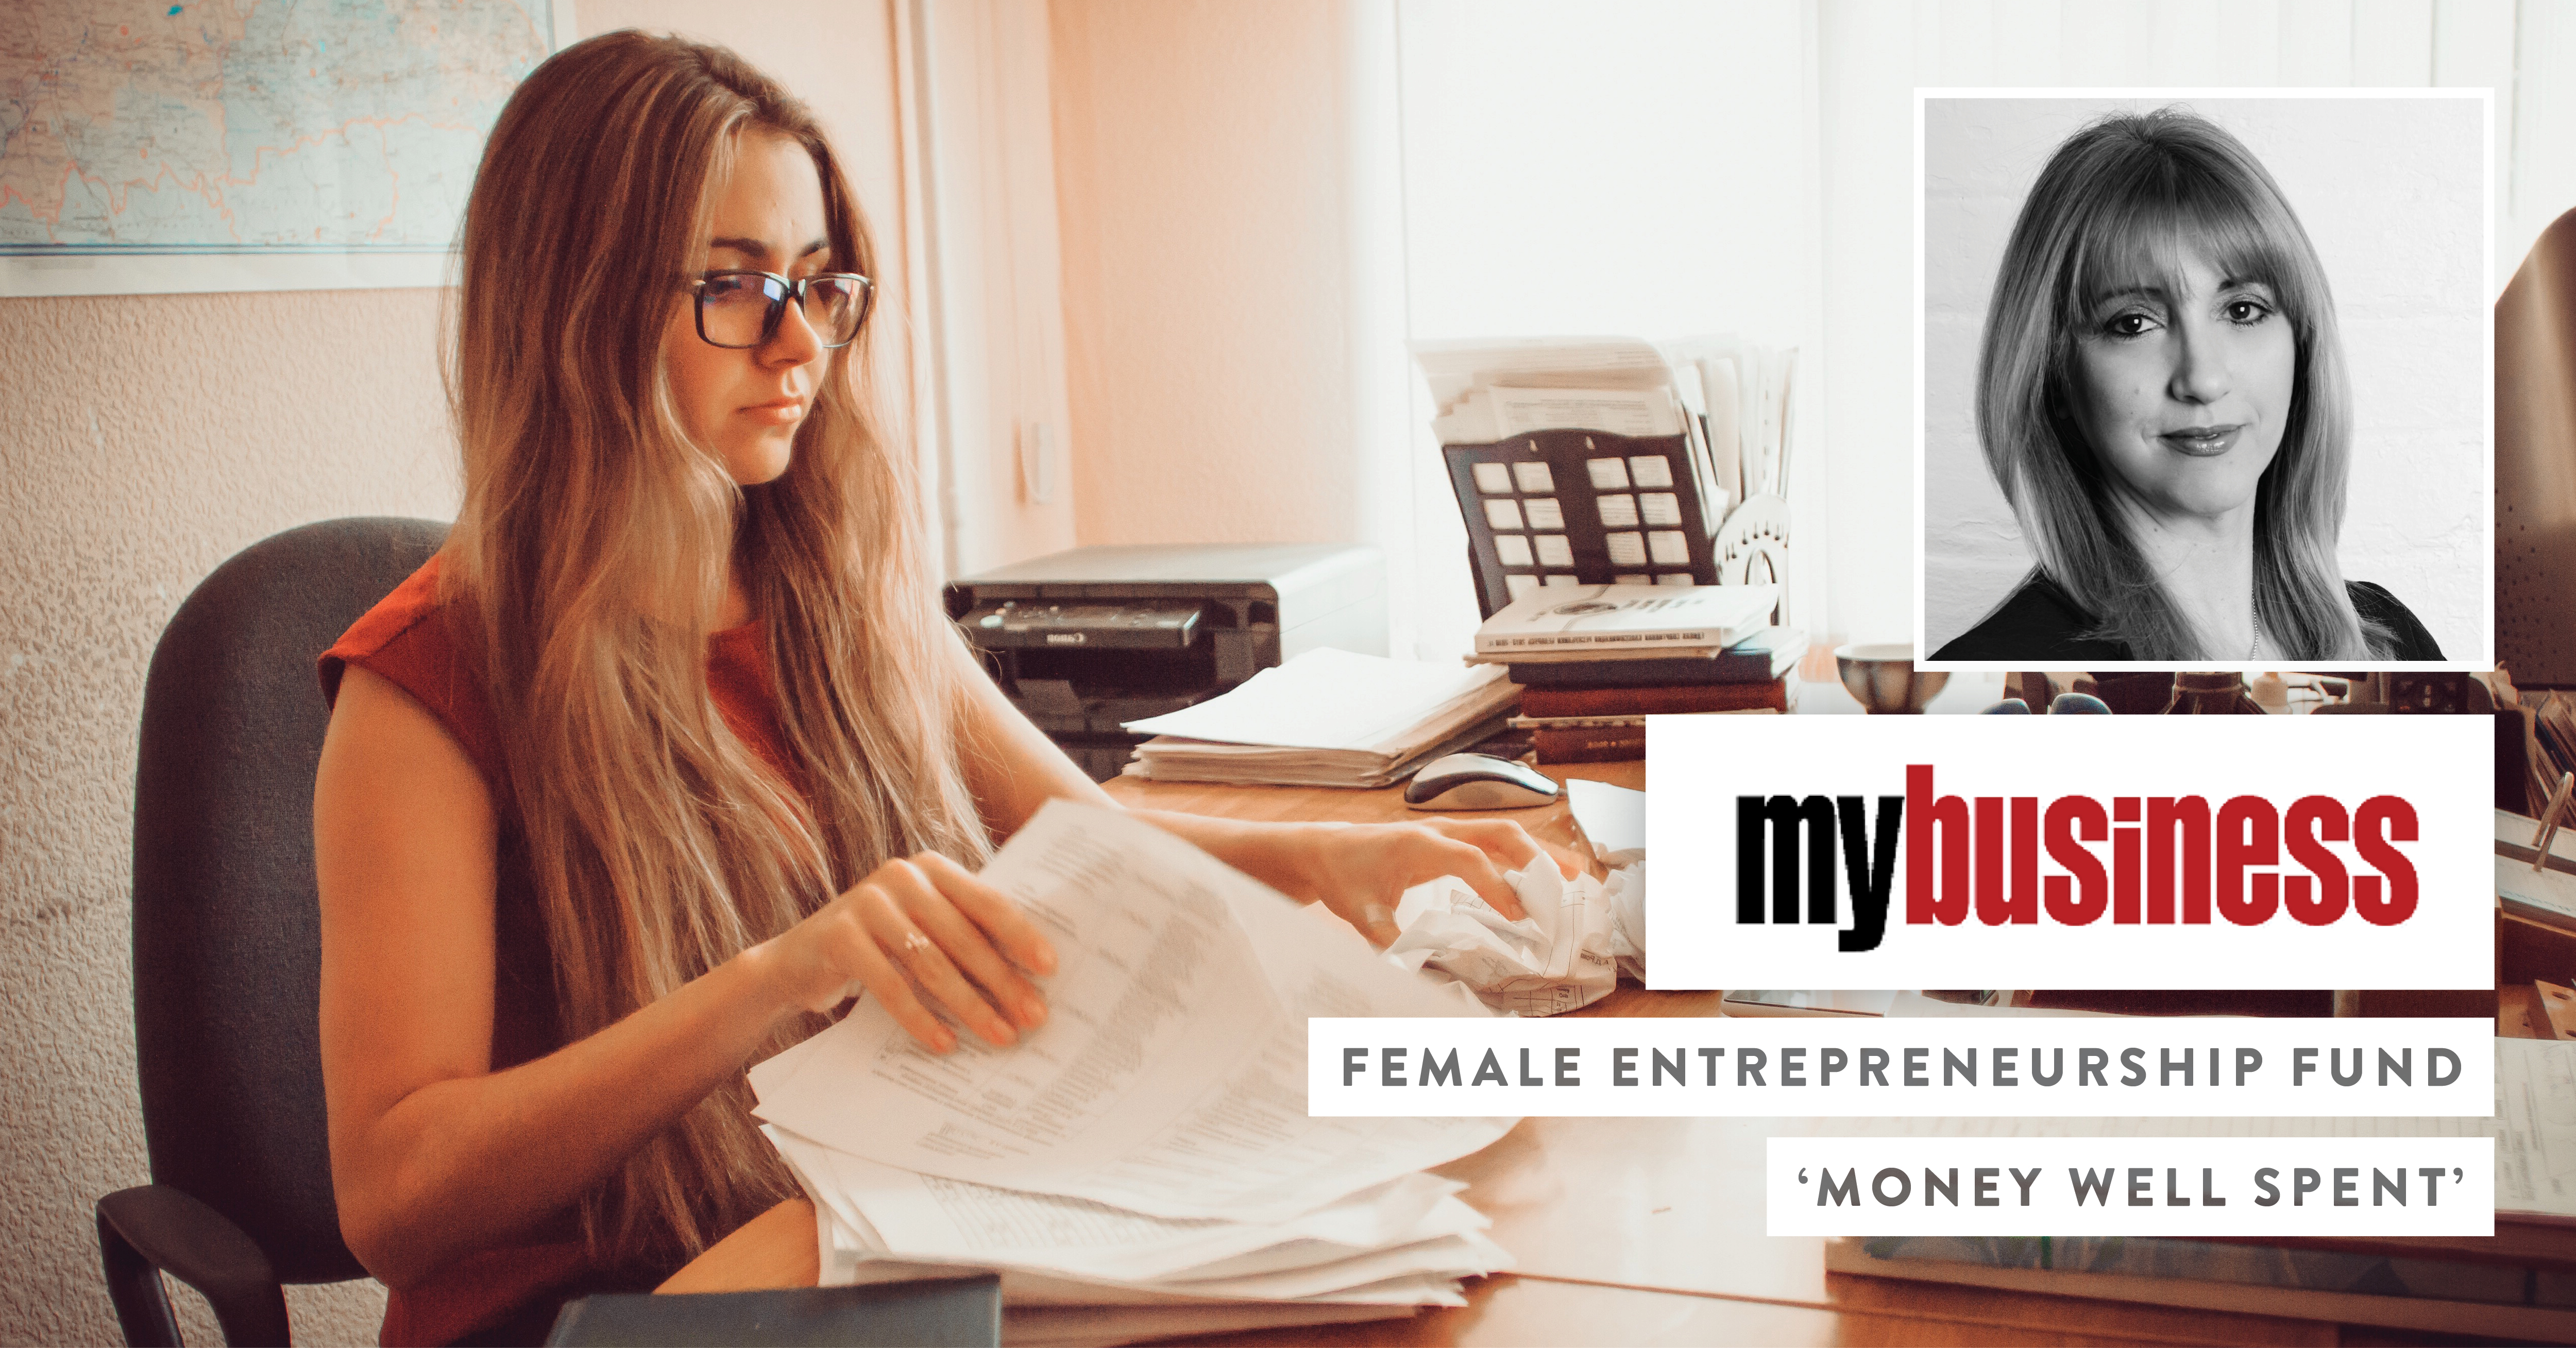 my-business-female-entrepreneurship-fund-money-well-spent